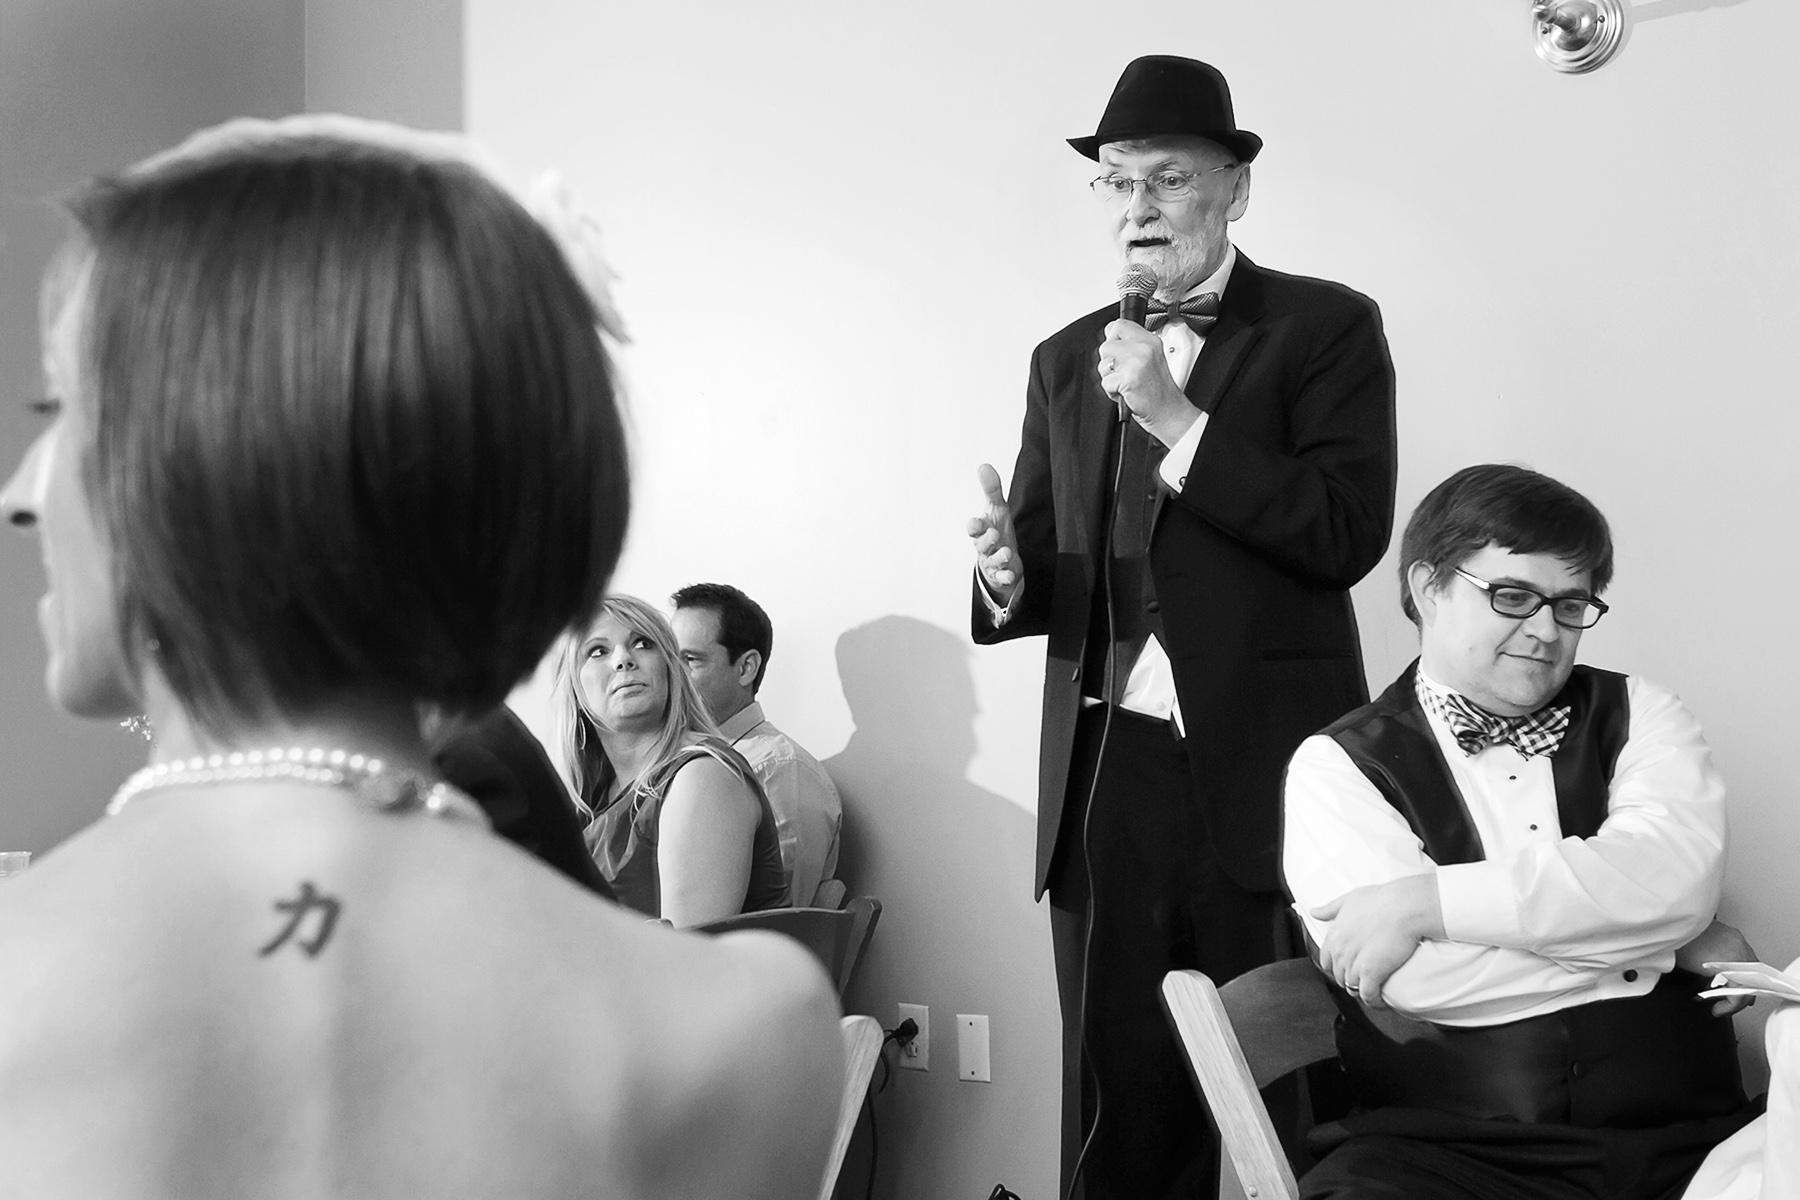 Les photos de mariage au solarium, Decatur Atlanta | Le père de la mariée porte un toast lors de la réception